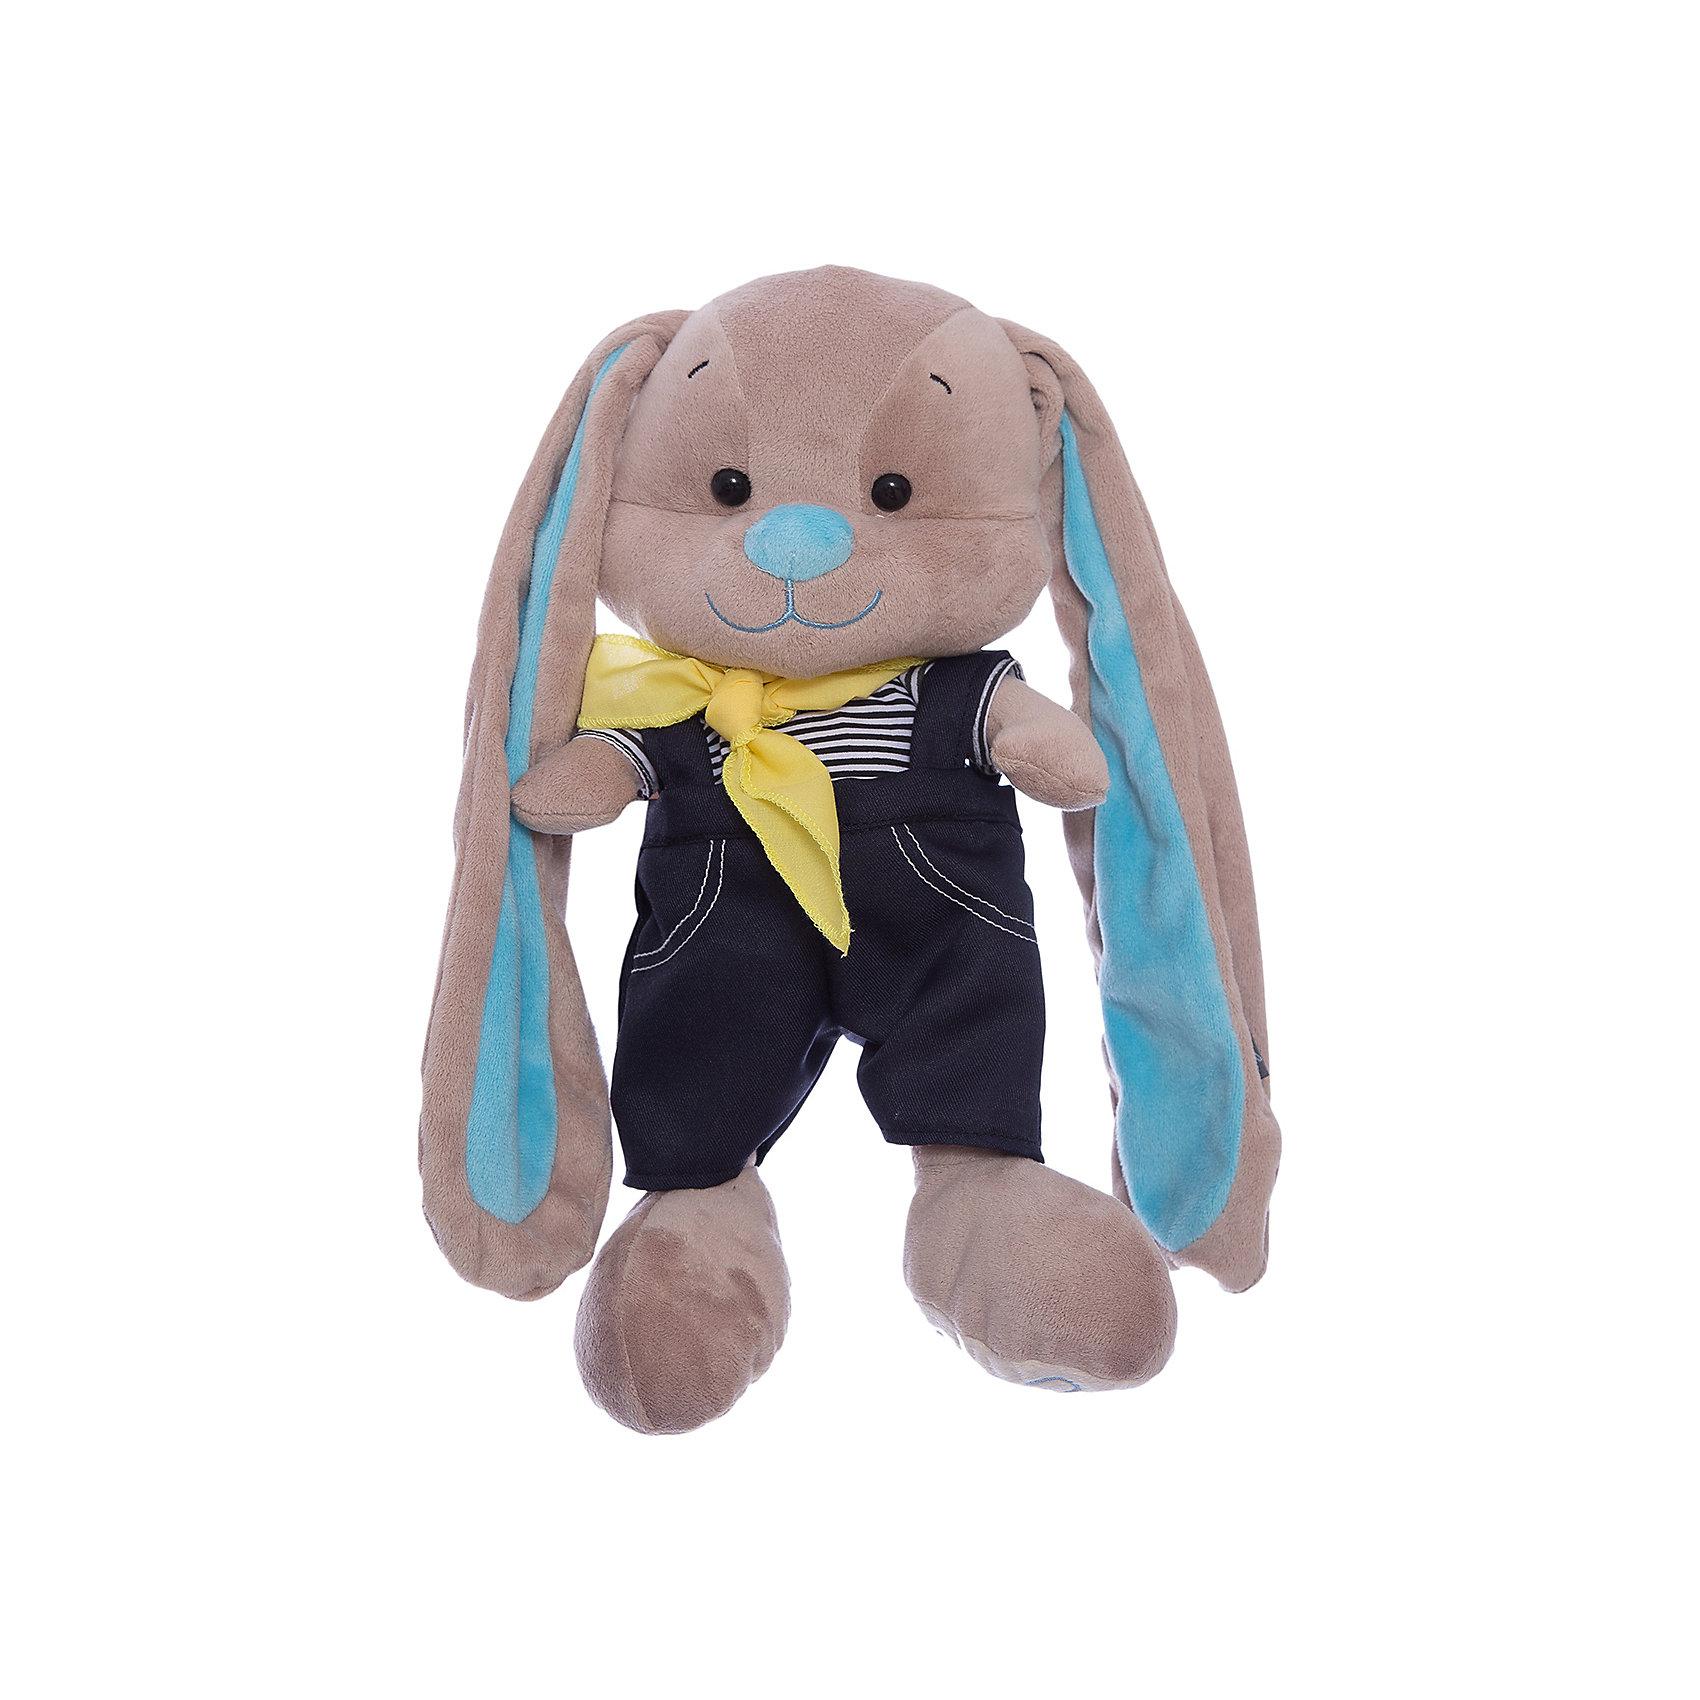 Зайчик Жак в морском костюмчике, 25 см, MAXITOYSЗайцы и кролики<br>Очень симпатичная мягкая игрушка сделана в виде Зайца, одетого в костюм в морском стиле. Она поможет ребенку проводить время весело и с пользой (такие игрушки развивают воображение и моторику). Смотрится игрушка очень мило - ее хочется трогать и играть с ней.<br>Размер игрушки универсален - 25 сантиметров, её удобно брать с собой в поездки и на прогулку. Сделан Зайка из качественных и безопасных для ребенка материалов, которые еще и приятны на ощупь. Эта игрушка может стать и отличным подарком для взрослого, также она украсит любой интерьер.<br><br>Дополнительная информация:<br><br>- материал: мех искусственный, трикотажный, волокно полиэфирное;<br>- высота: 25 см.<br><br>Игрушку Зайчик Жак в морском костюмчике, 25 см, от марки MAXITOYS можно купить в нашем магазине.<br><br>Ширина мм: 170<br>Глубина мм: 200<br>Высота мм: 250<br>Вес г: 221<br>Возраст от месяцев: 36<br>Возраст до месяцев: 1188<br>Пол: Женский<br>Возраст: Детский<br>SKU: 4701898